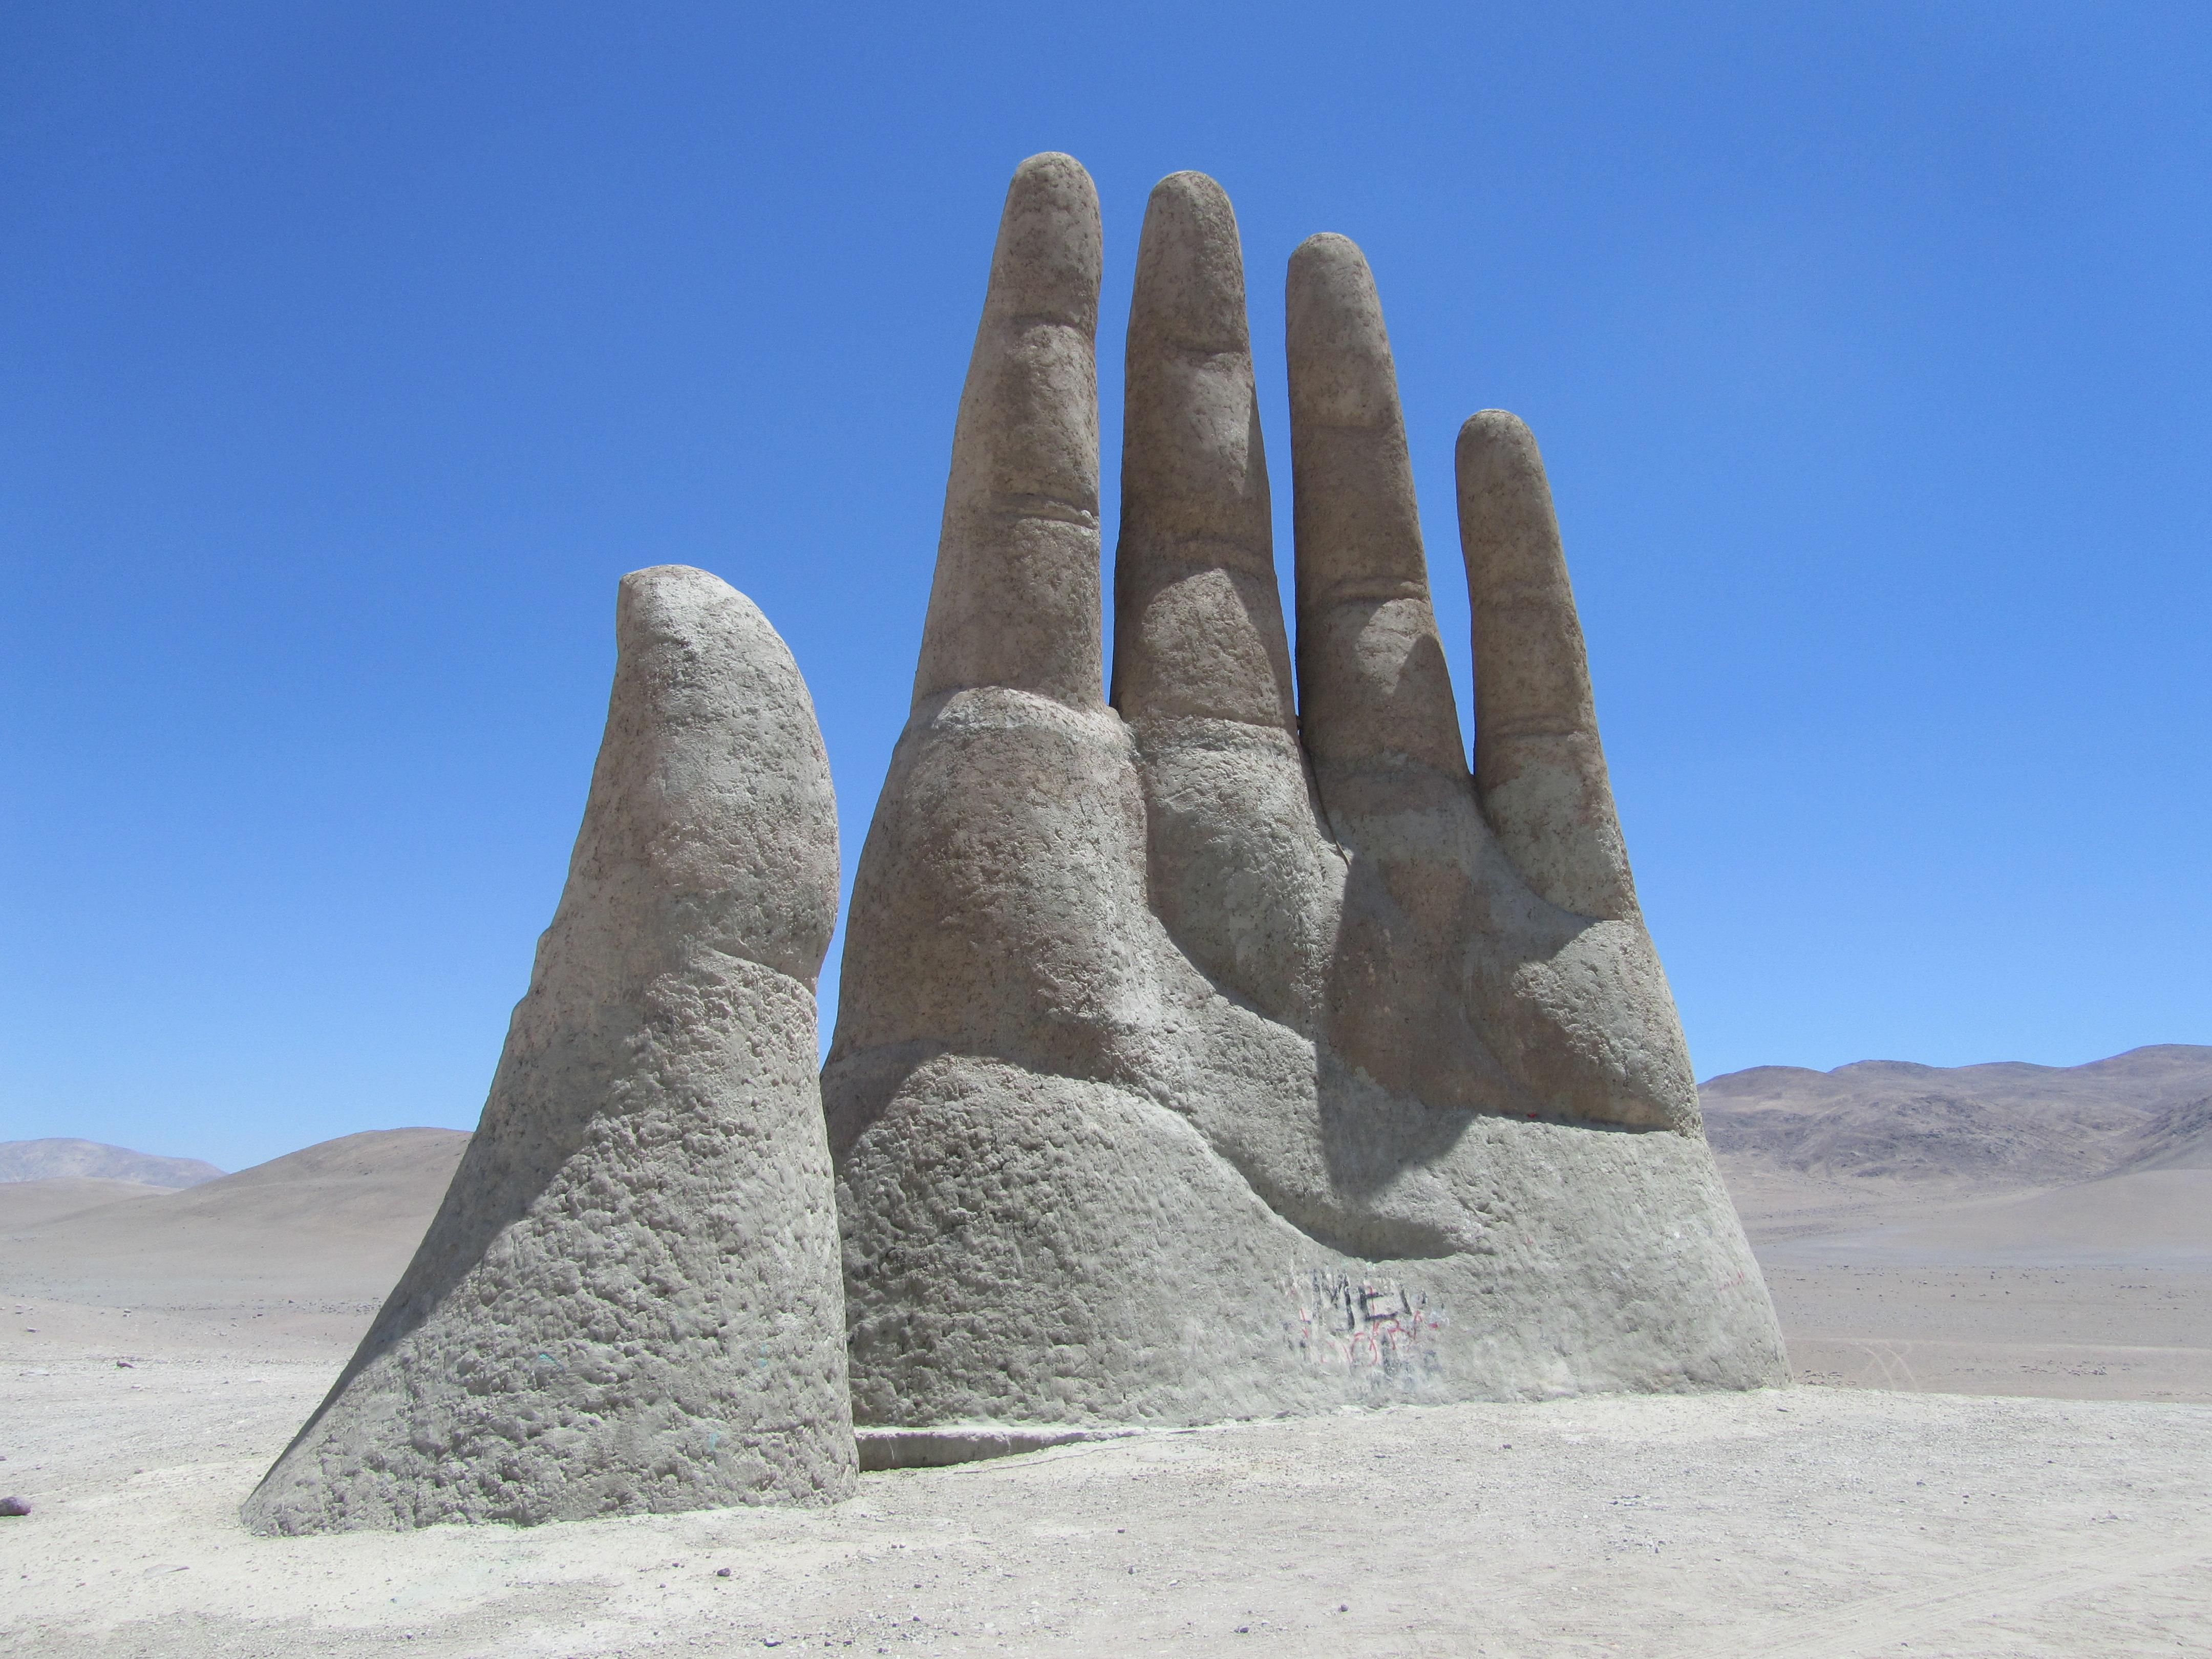 THE HAND IN THE DESERT- ATACAMA DESERT, CHILE